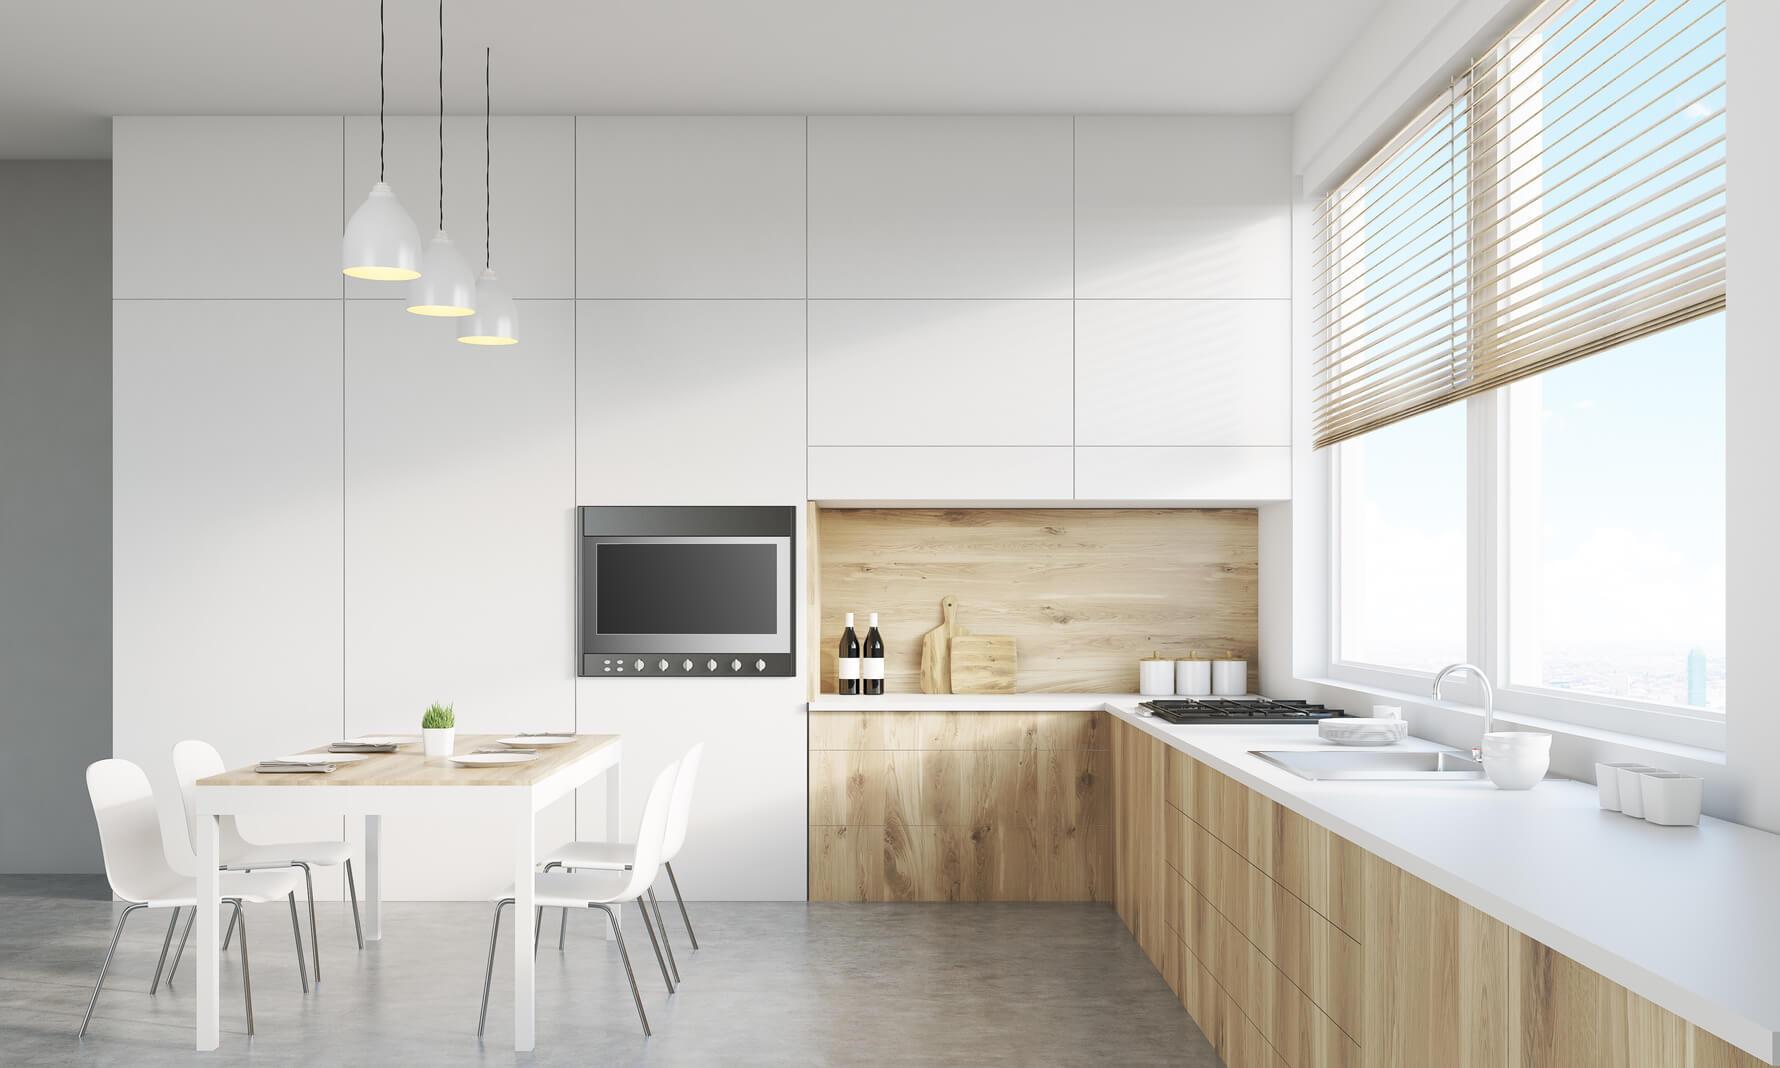 Cocina en esquina cocinas vitoria muebles de cocina for Cocinas vitoria